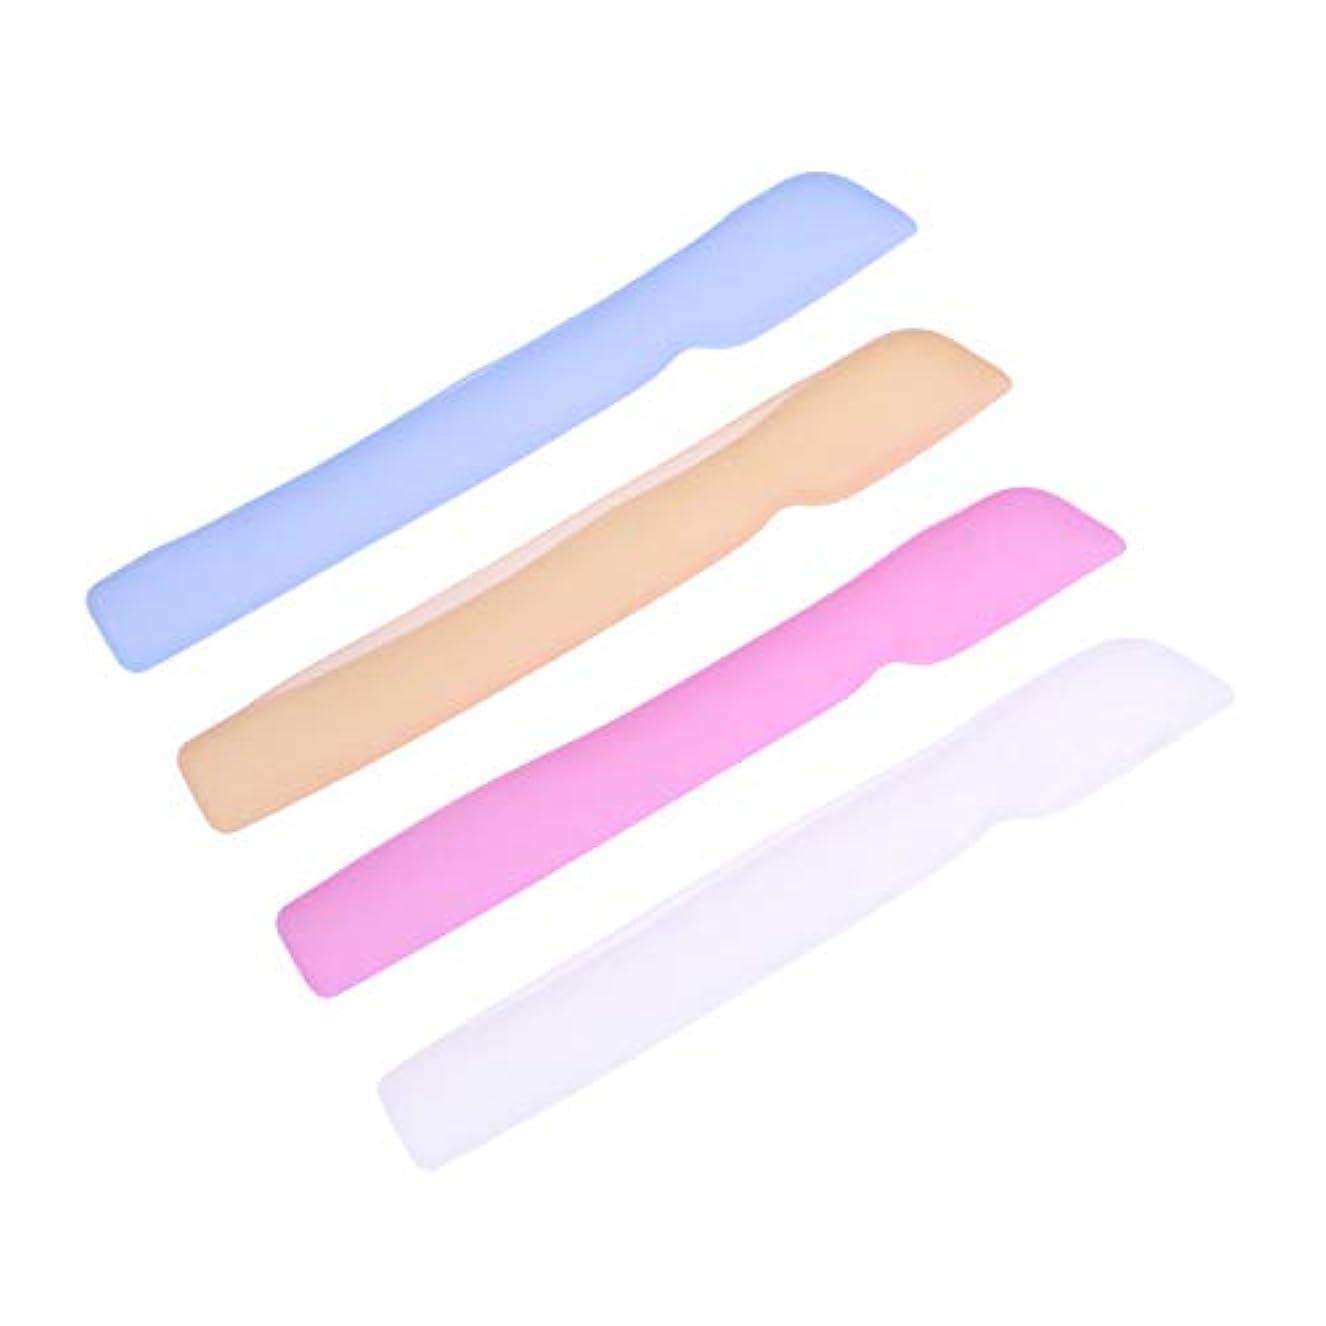 リフト眉東HEALLILYシリコン歯ブラシケースカバー歯ブラシ用保護カバー保護ケース用4本(ブルー+ピンク+ライトイエロー+ホワイト)